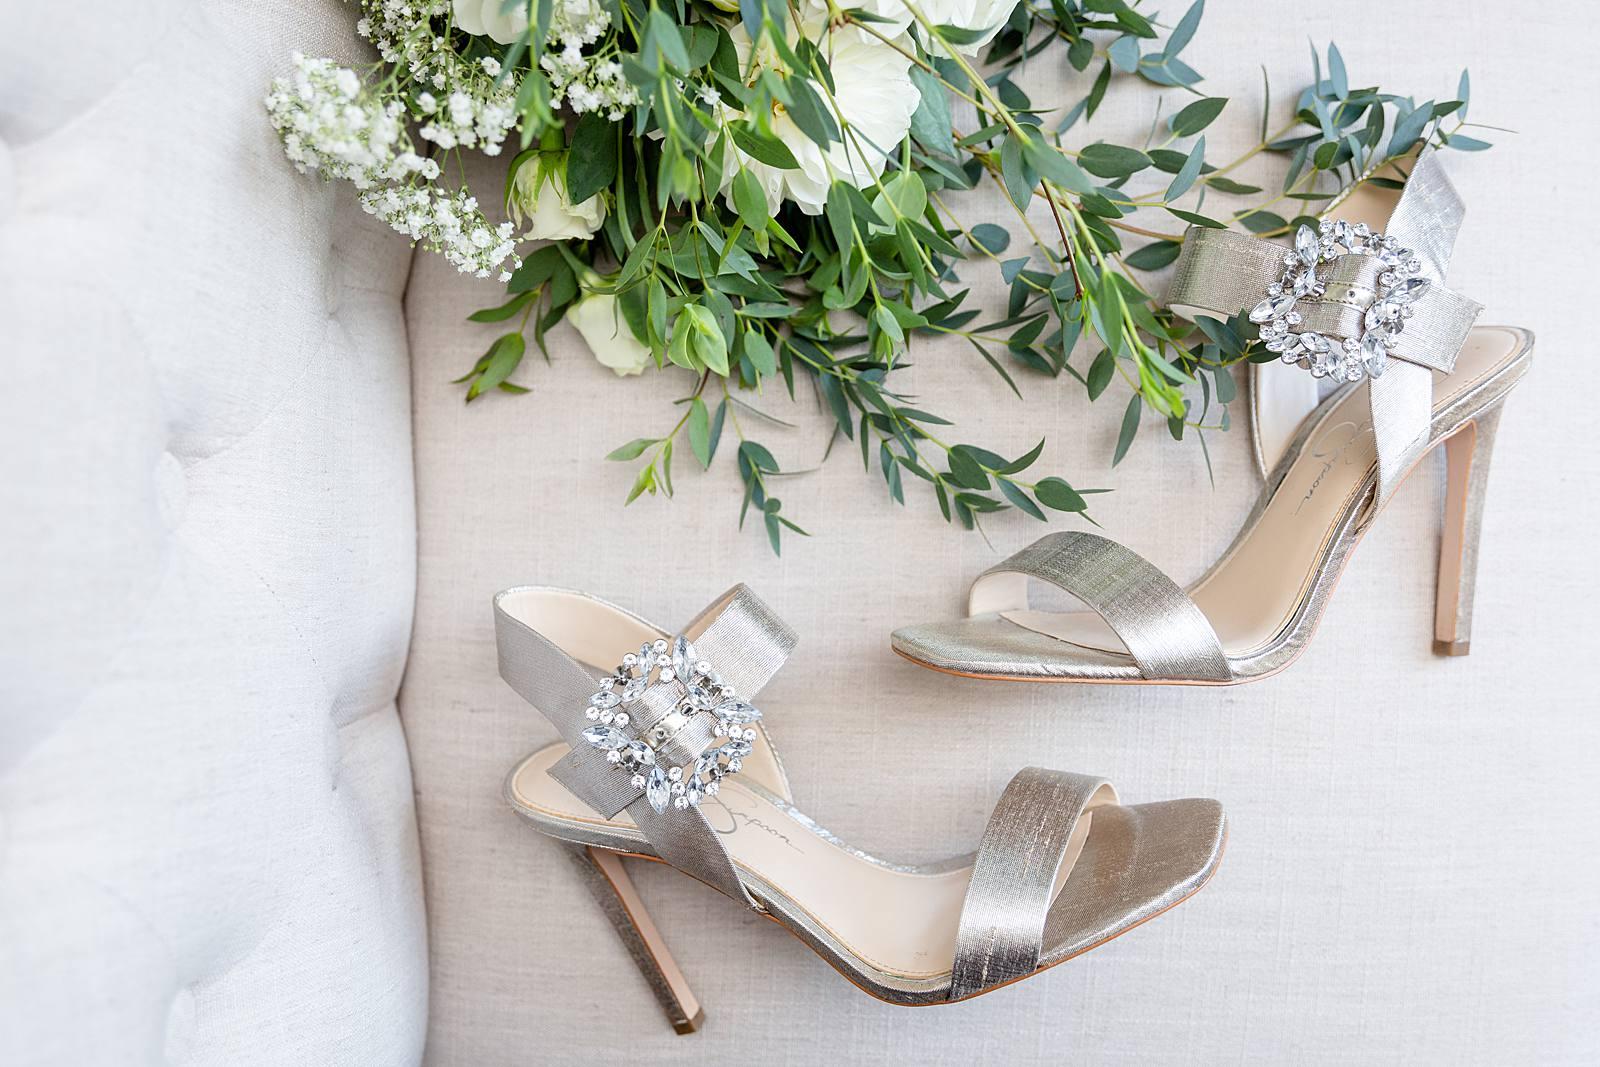 Bruidsschoenen met hoge hakken